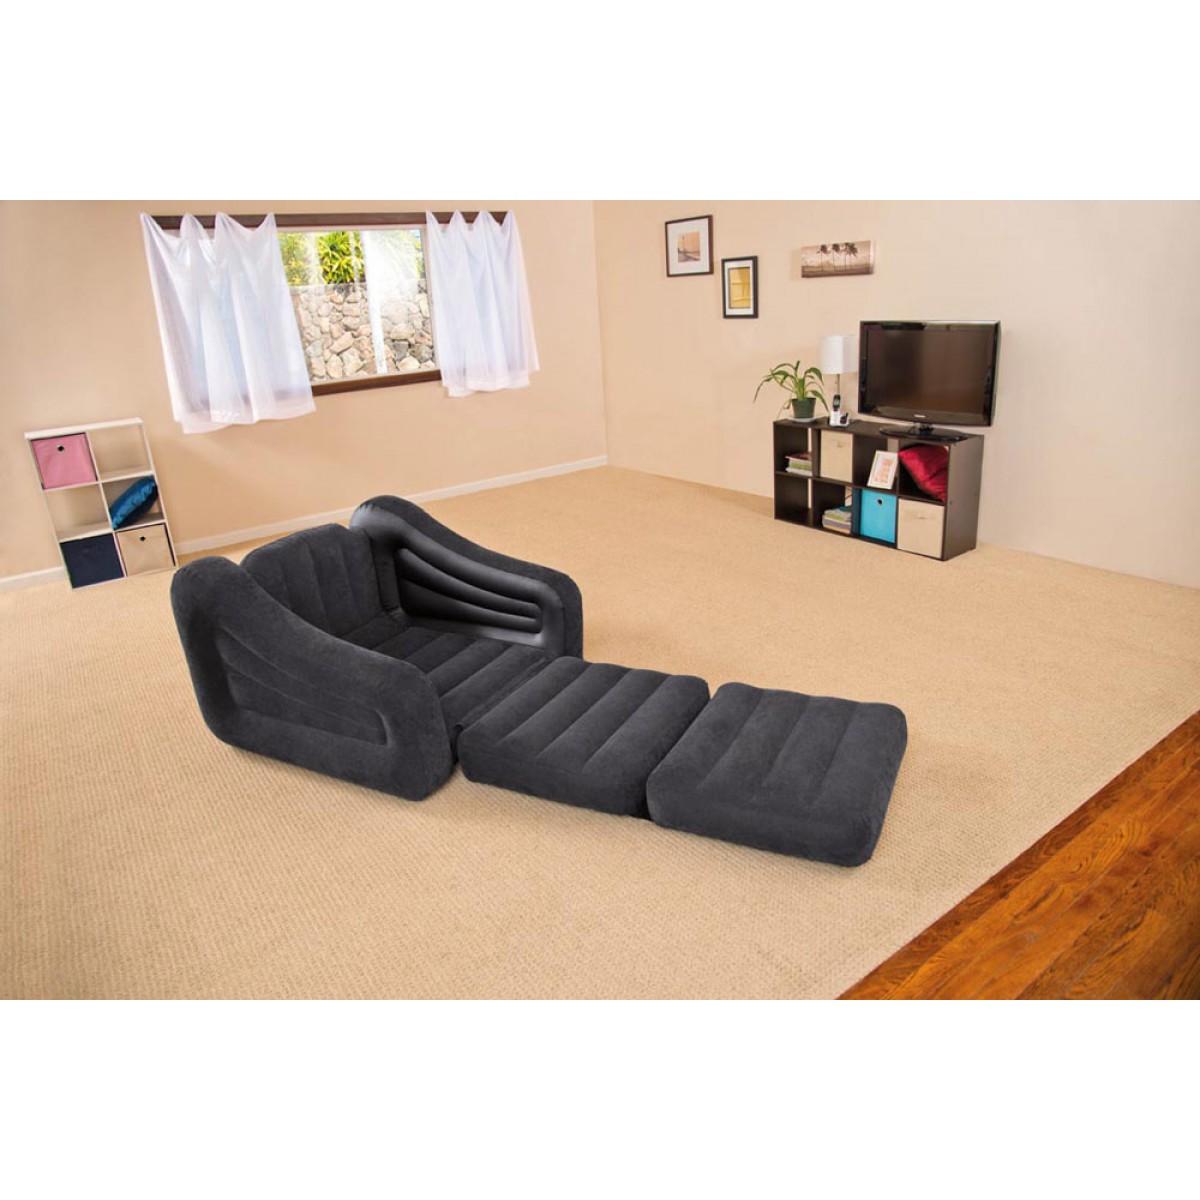 Divano letto intex singolo materasso gonfiabile poltrona for Poltrona letto ebay